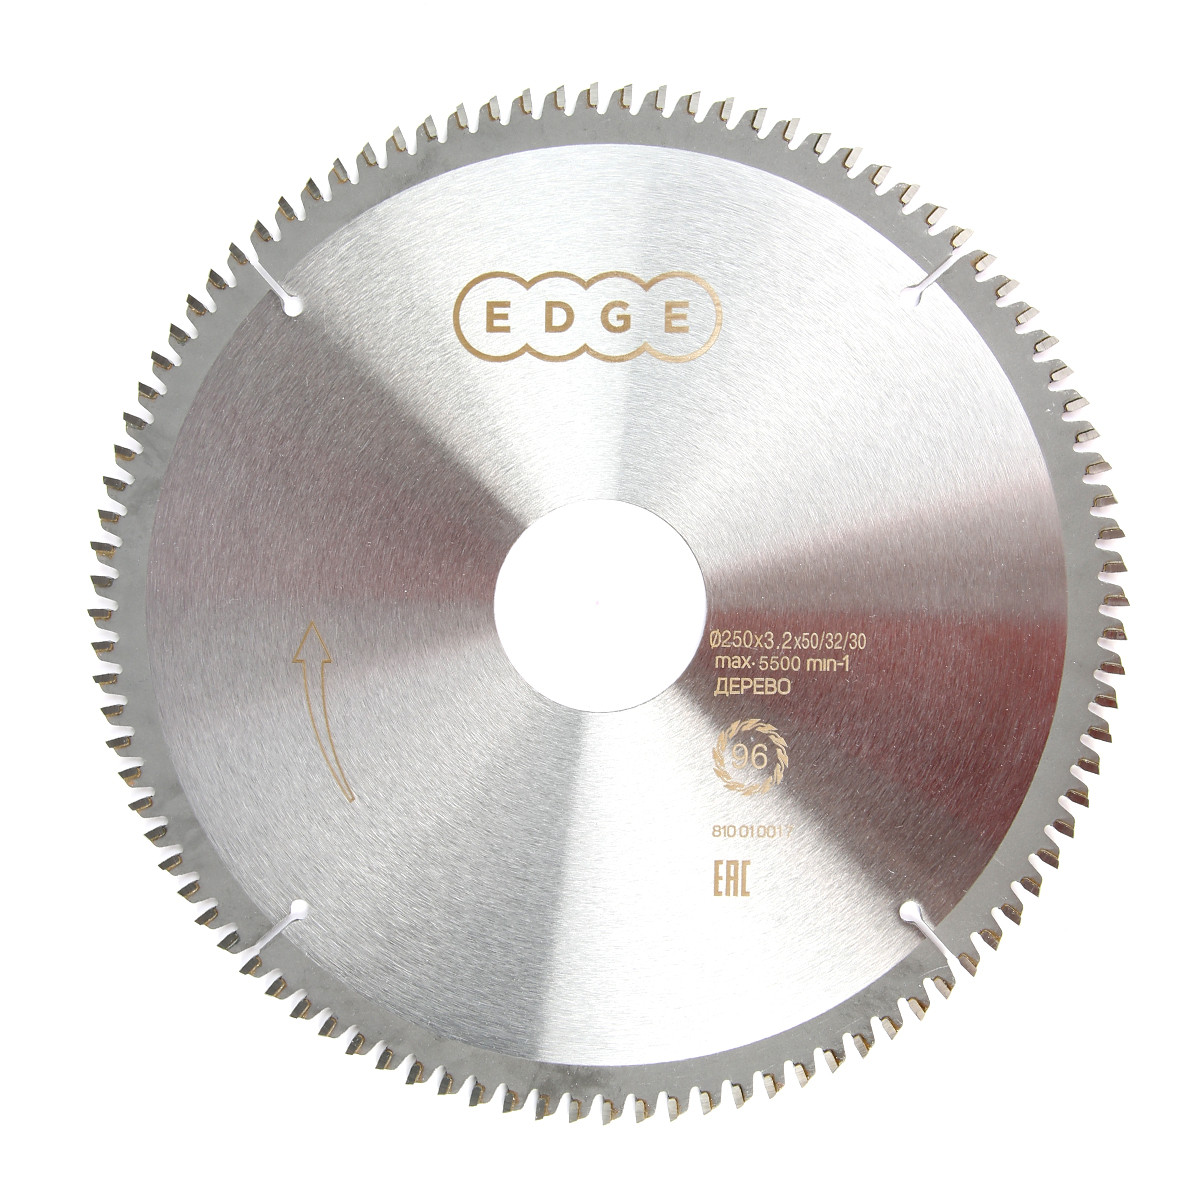 Диск EDGE by PATRIOT пильный по алюминию 250х96х50/32/30